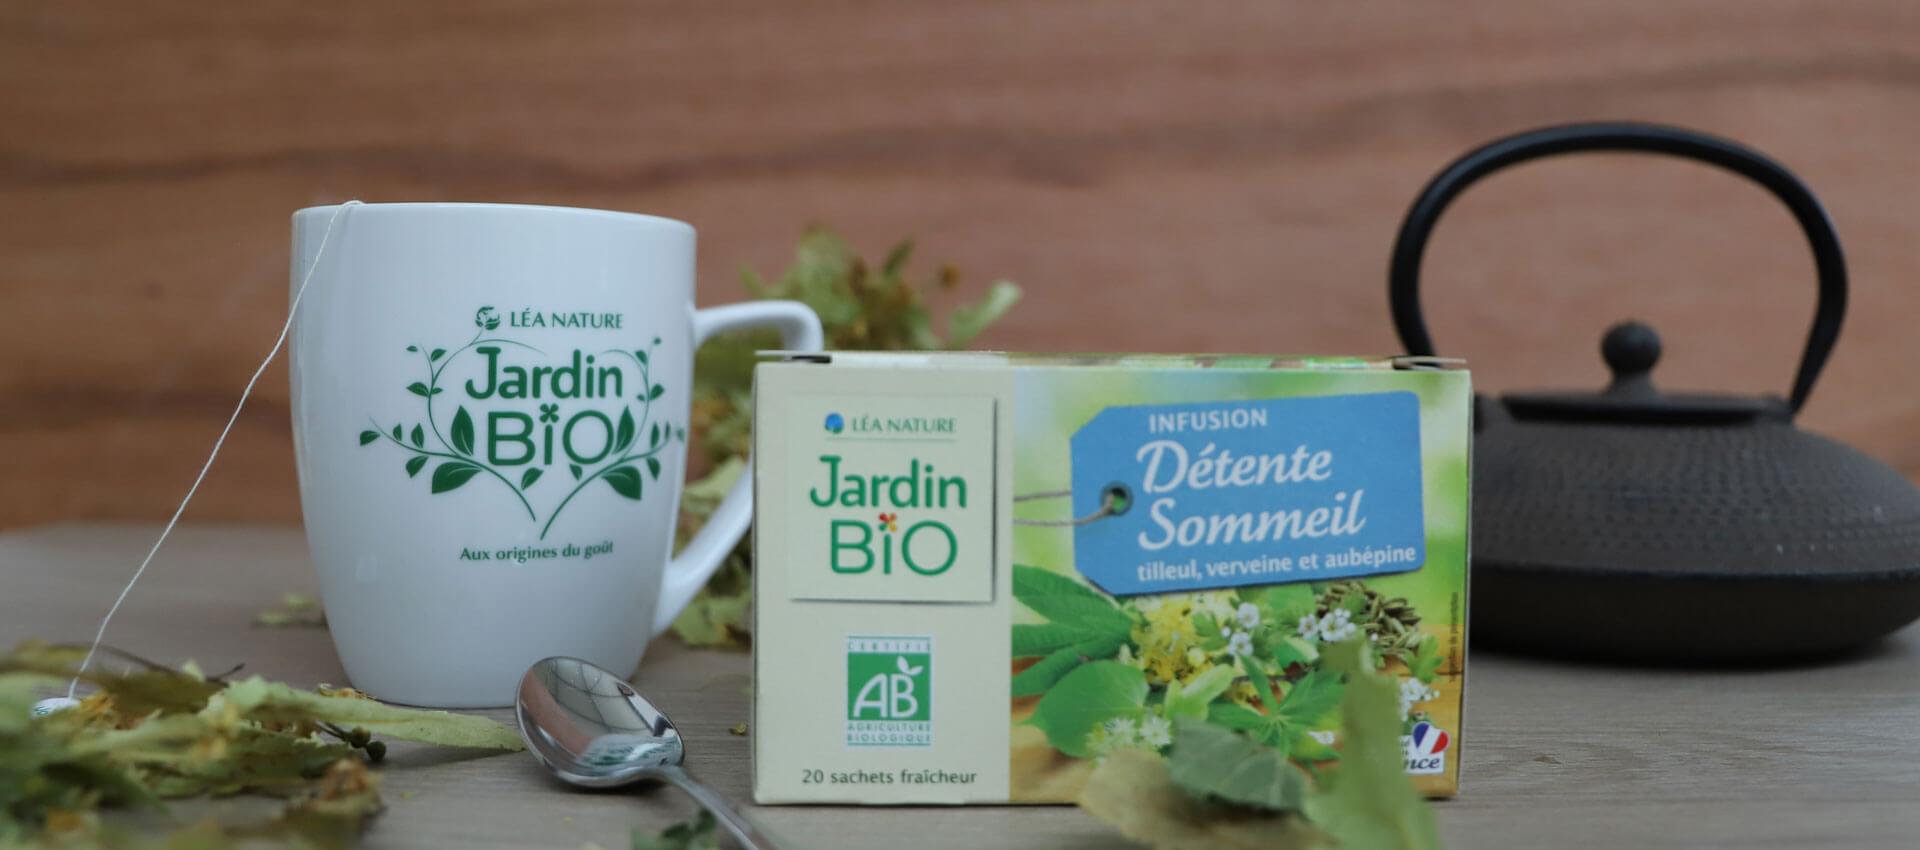 Eco conception des emballages Jardin BiO